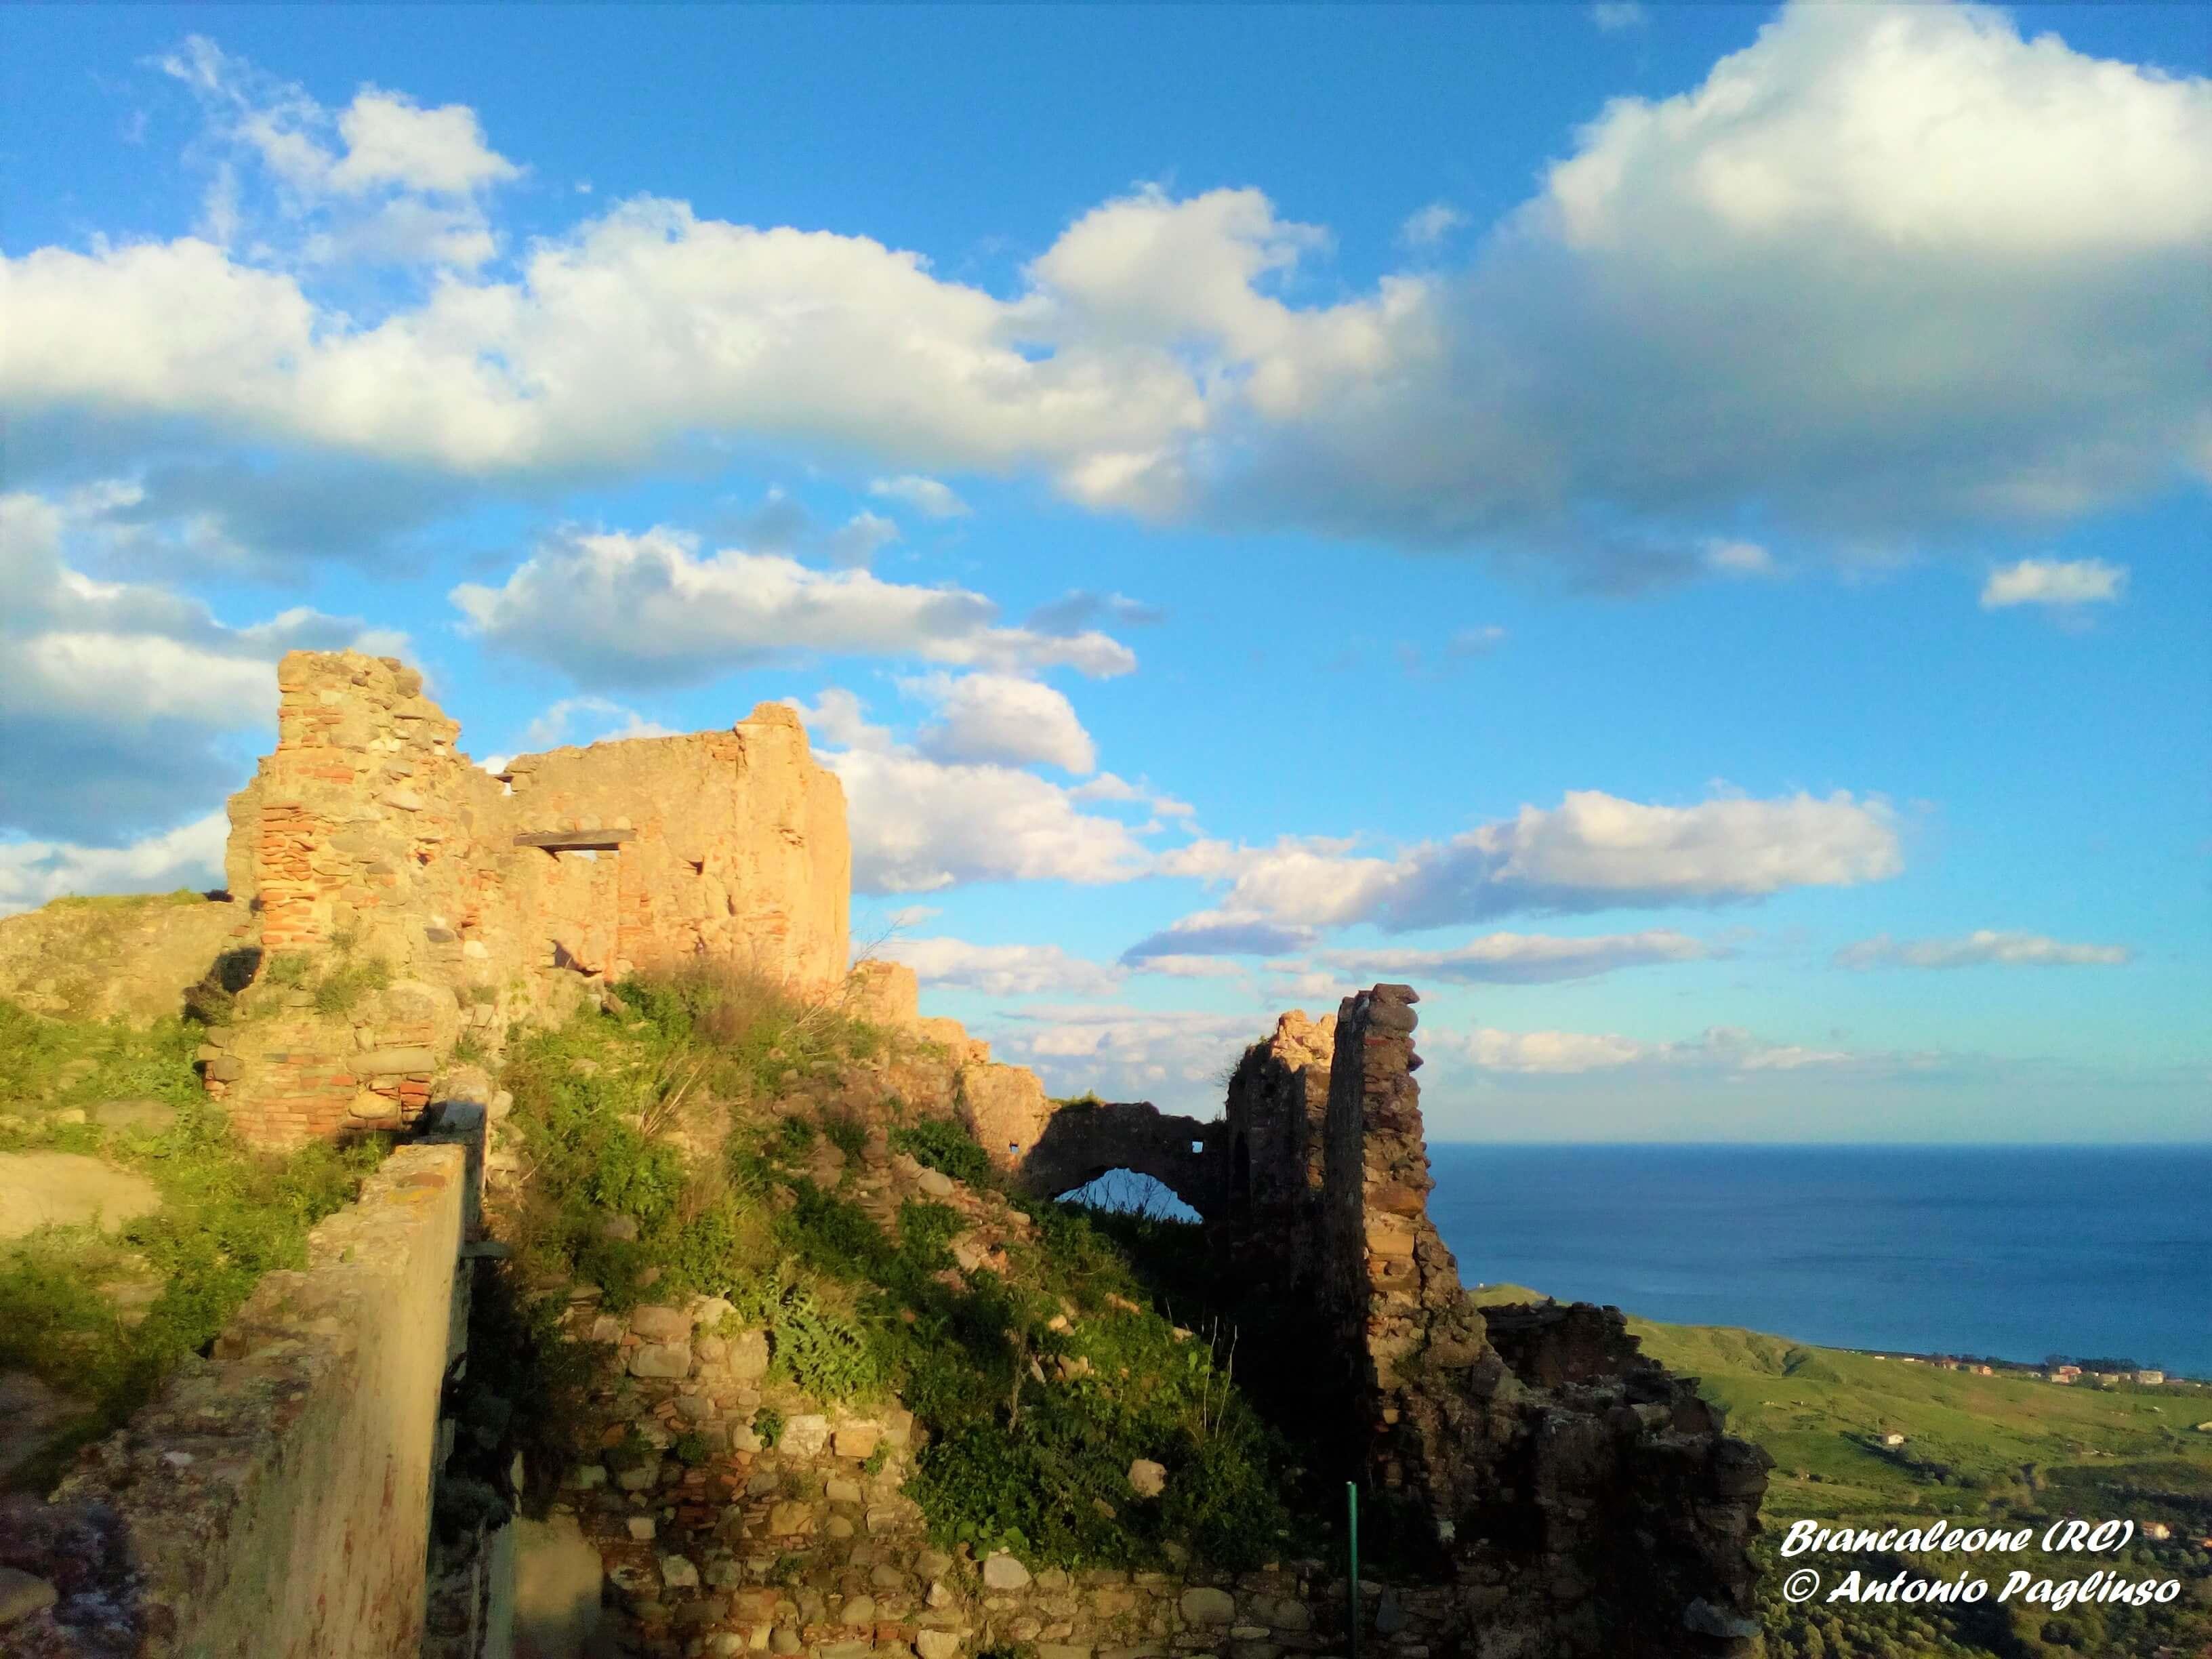 Calabria da riscoprire: il Parco archeologico urbano di Brancaleone Vetus